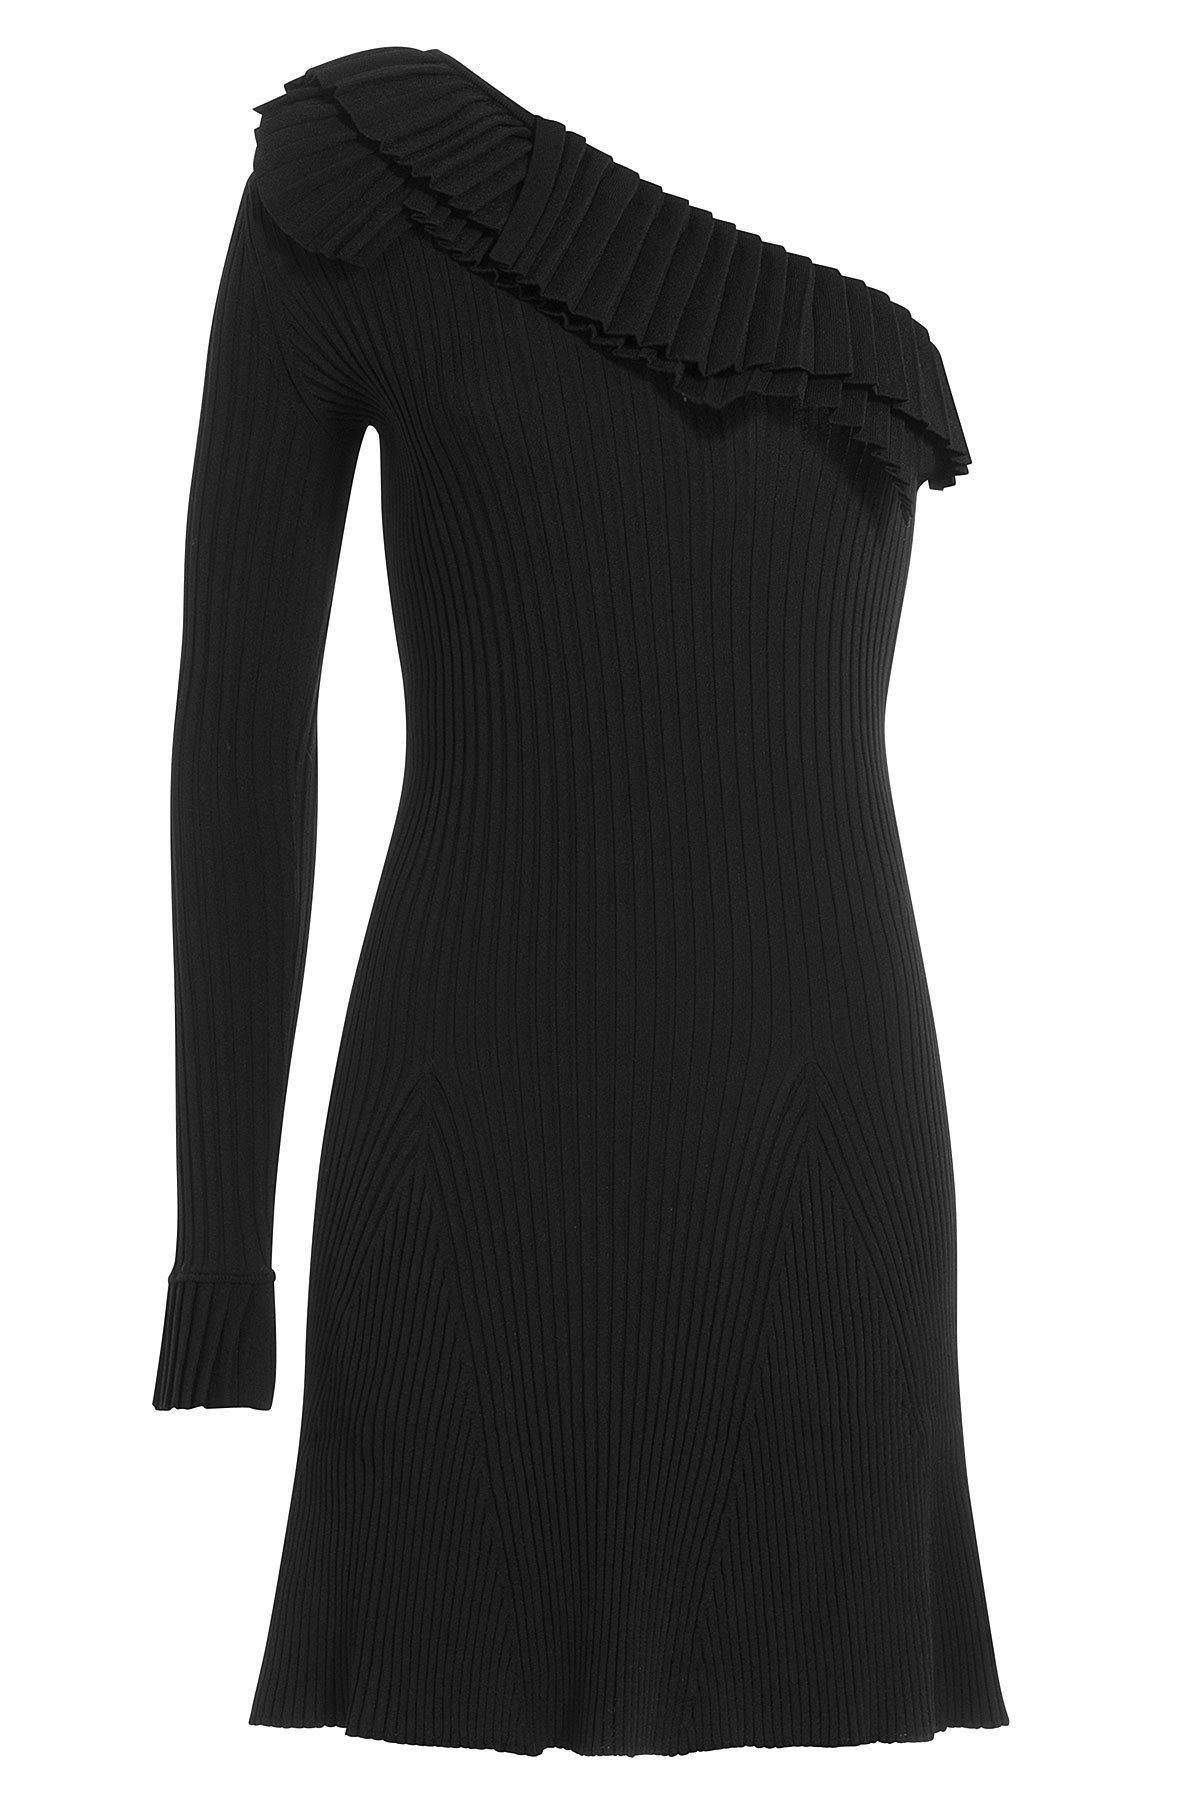 asymmetric short dress - Black Emilio Pucci Sale Newest Wide Range Of Cheap Price The Cheapest For Sale Online Store SEtEA